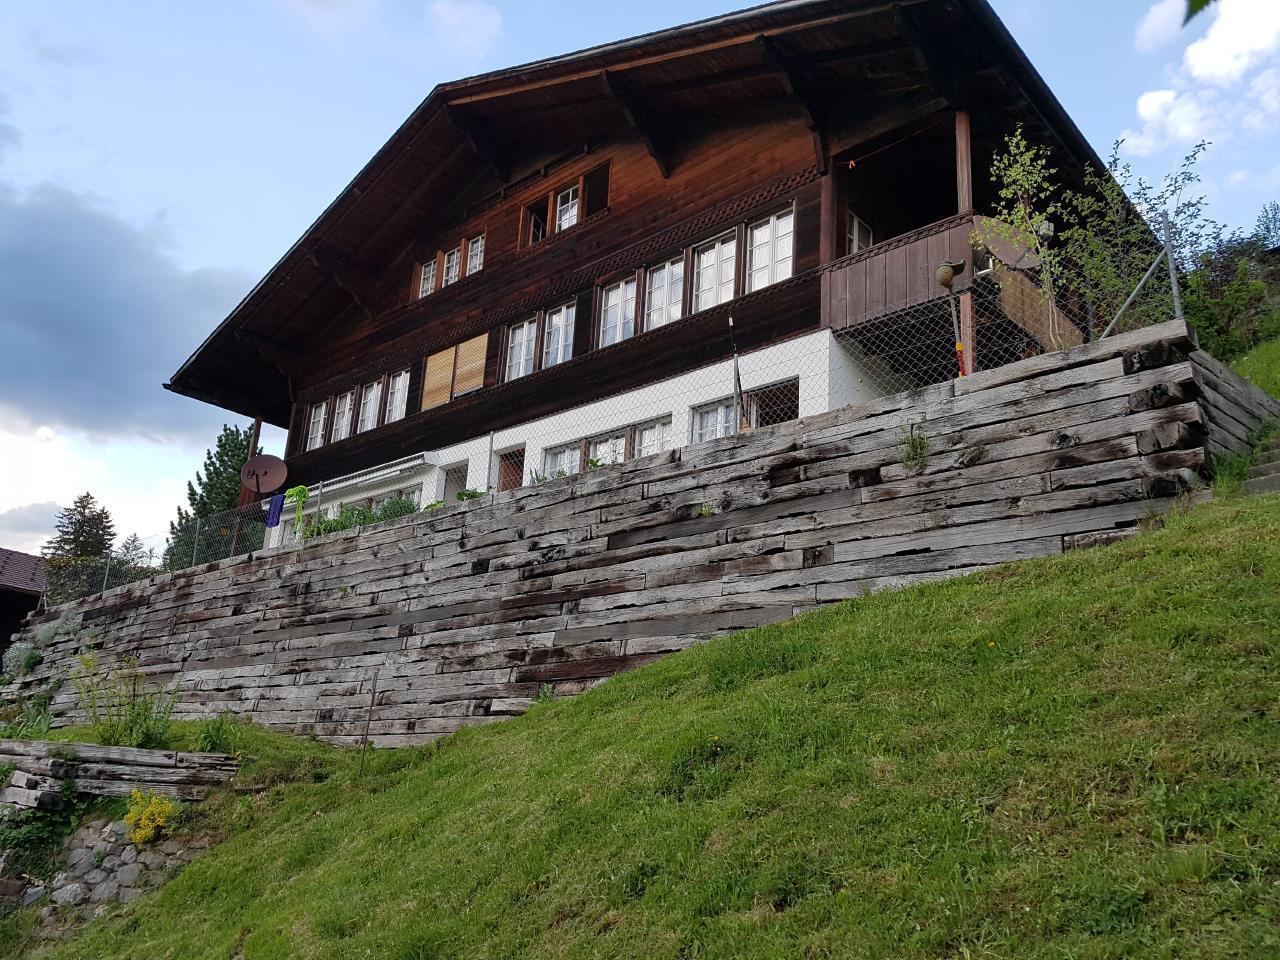 Ferienwohnung Chalet Domino 6-Bett -Wohnung (2350302), Lenk im Simmental, Simmental, Berner Oberland, Schweiz, Bild 16